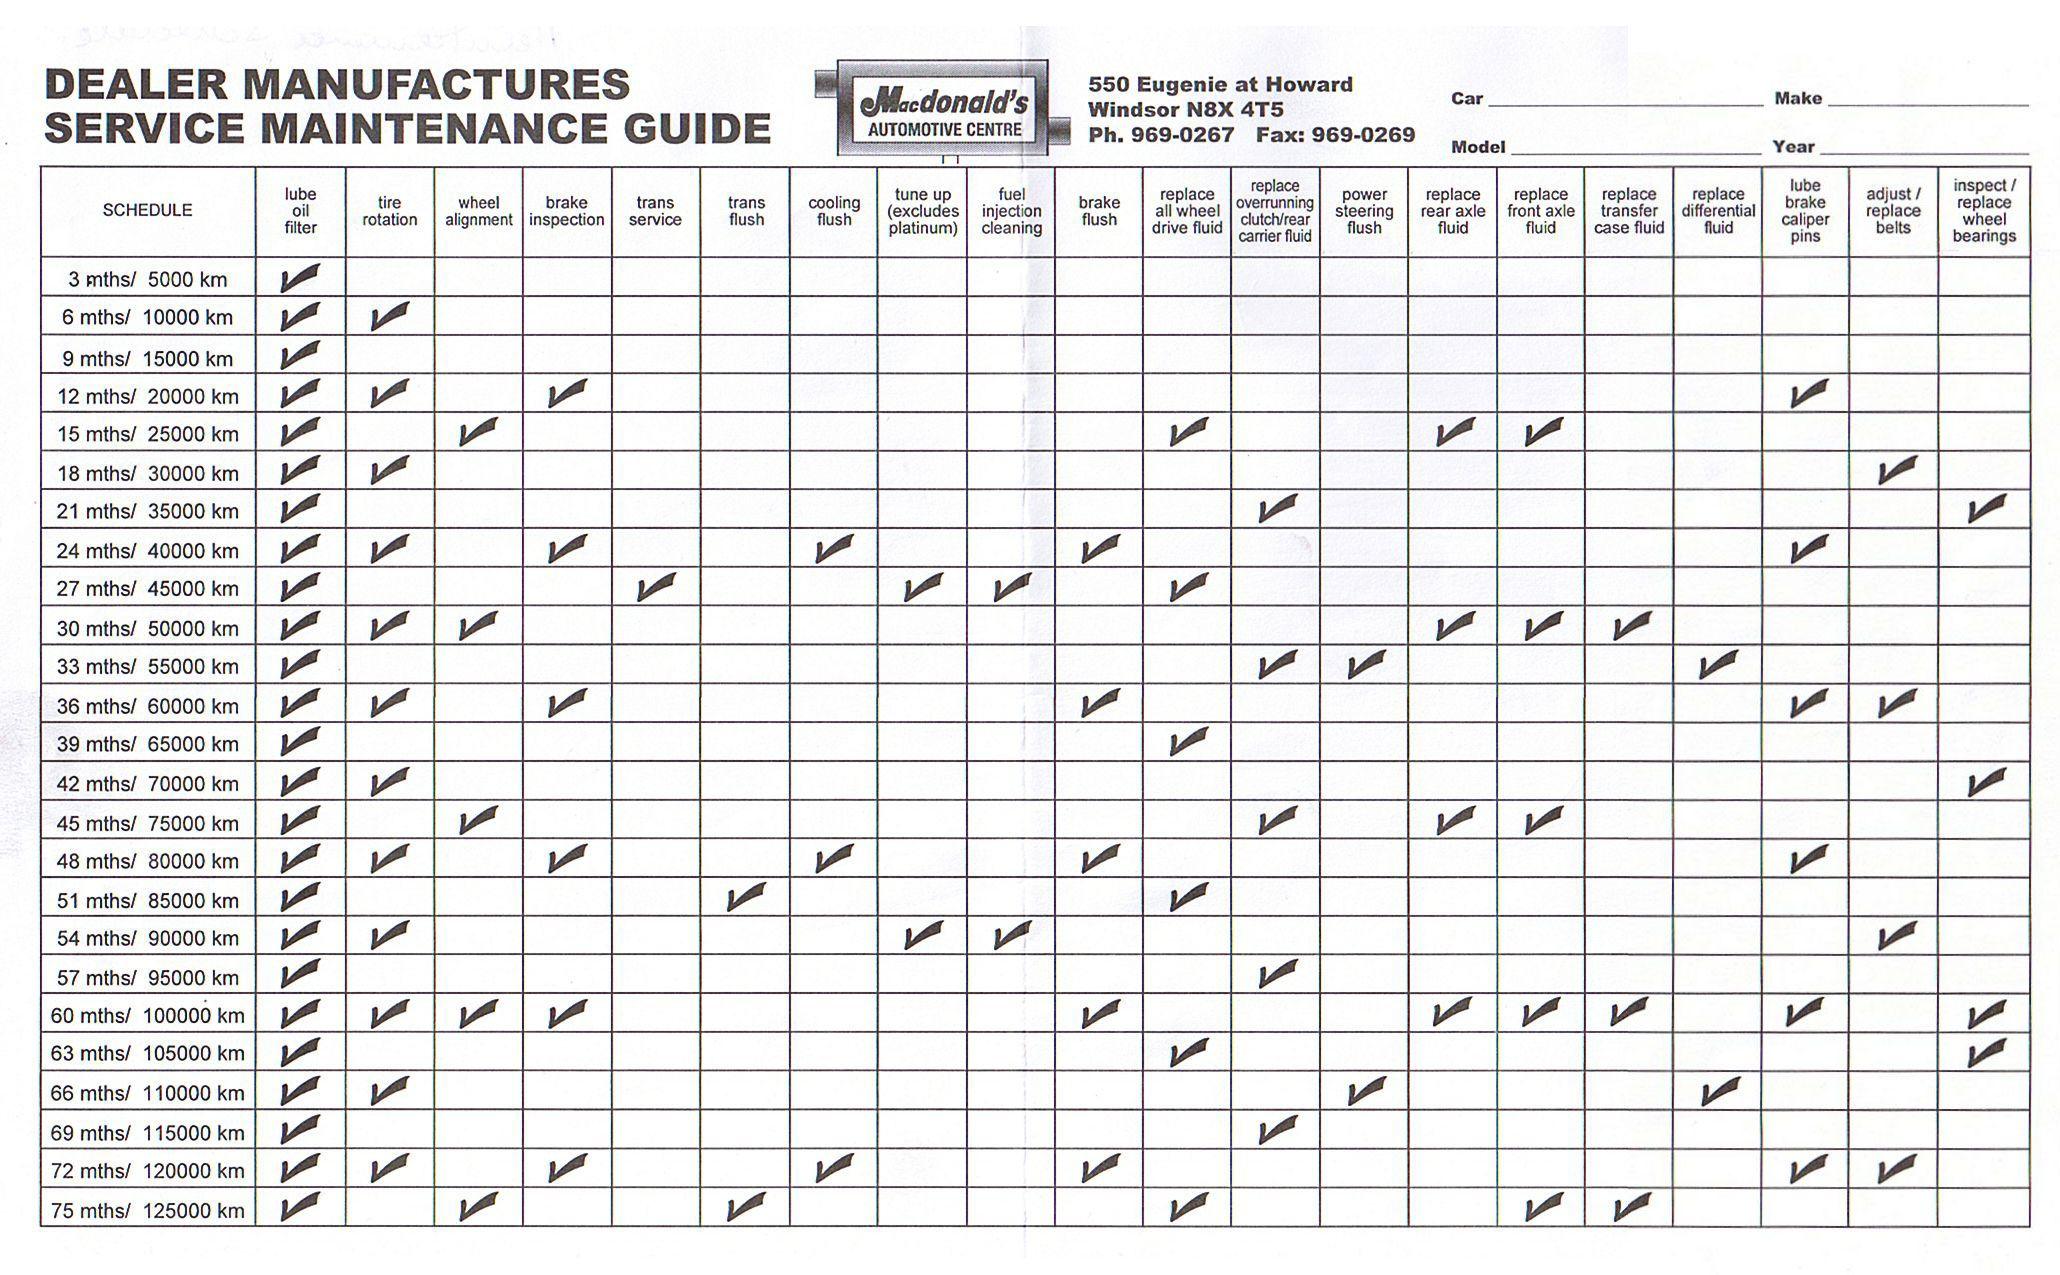 service maintenance schedule http www amazon com gp product rh pinterest com car maintenance guide philippines car maintenance guide india